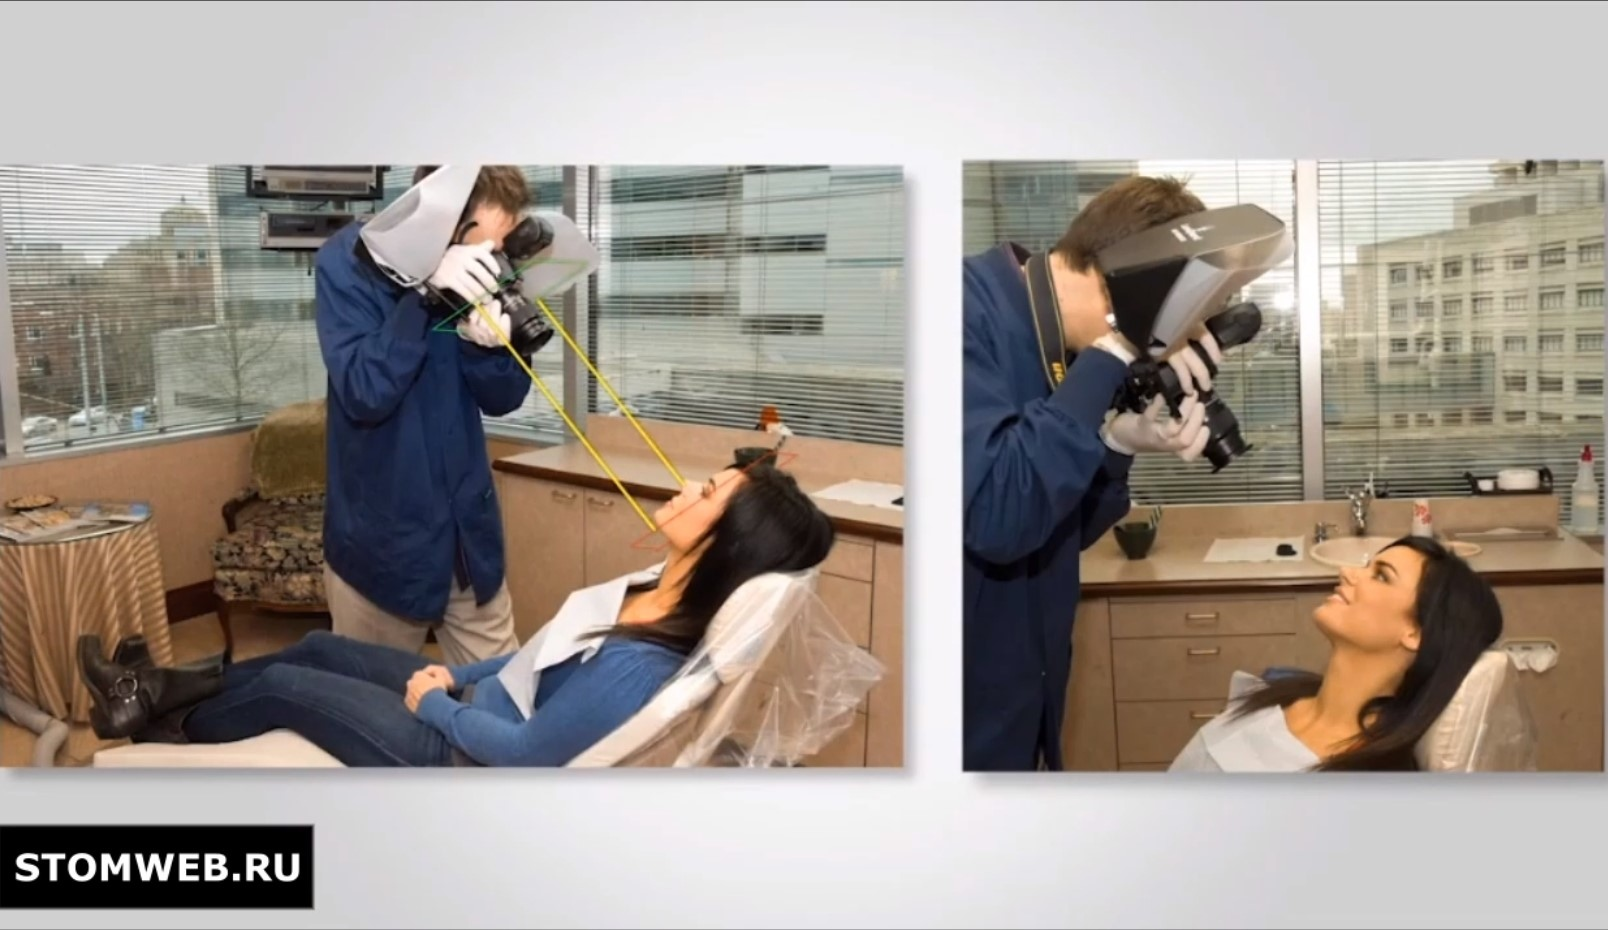 fotografiya-v-stomatologii